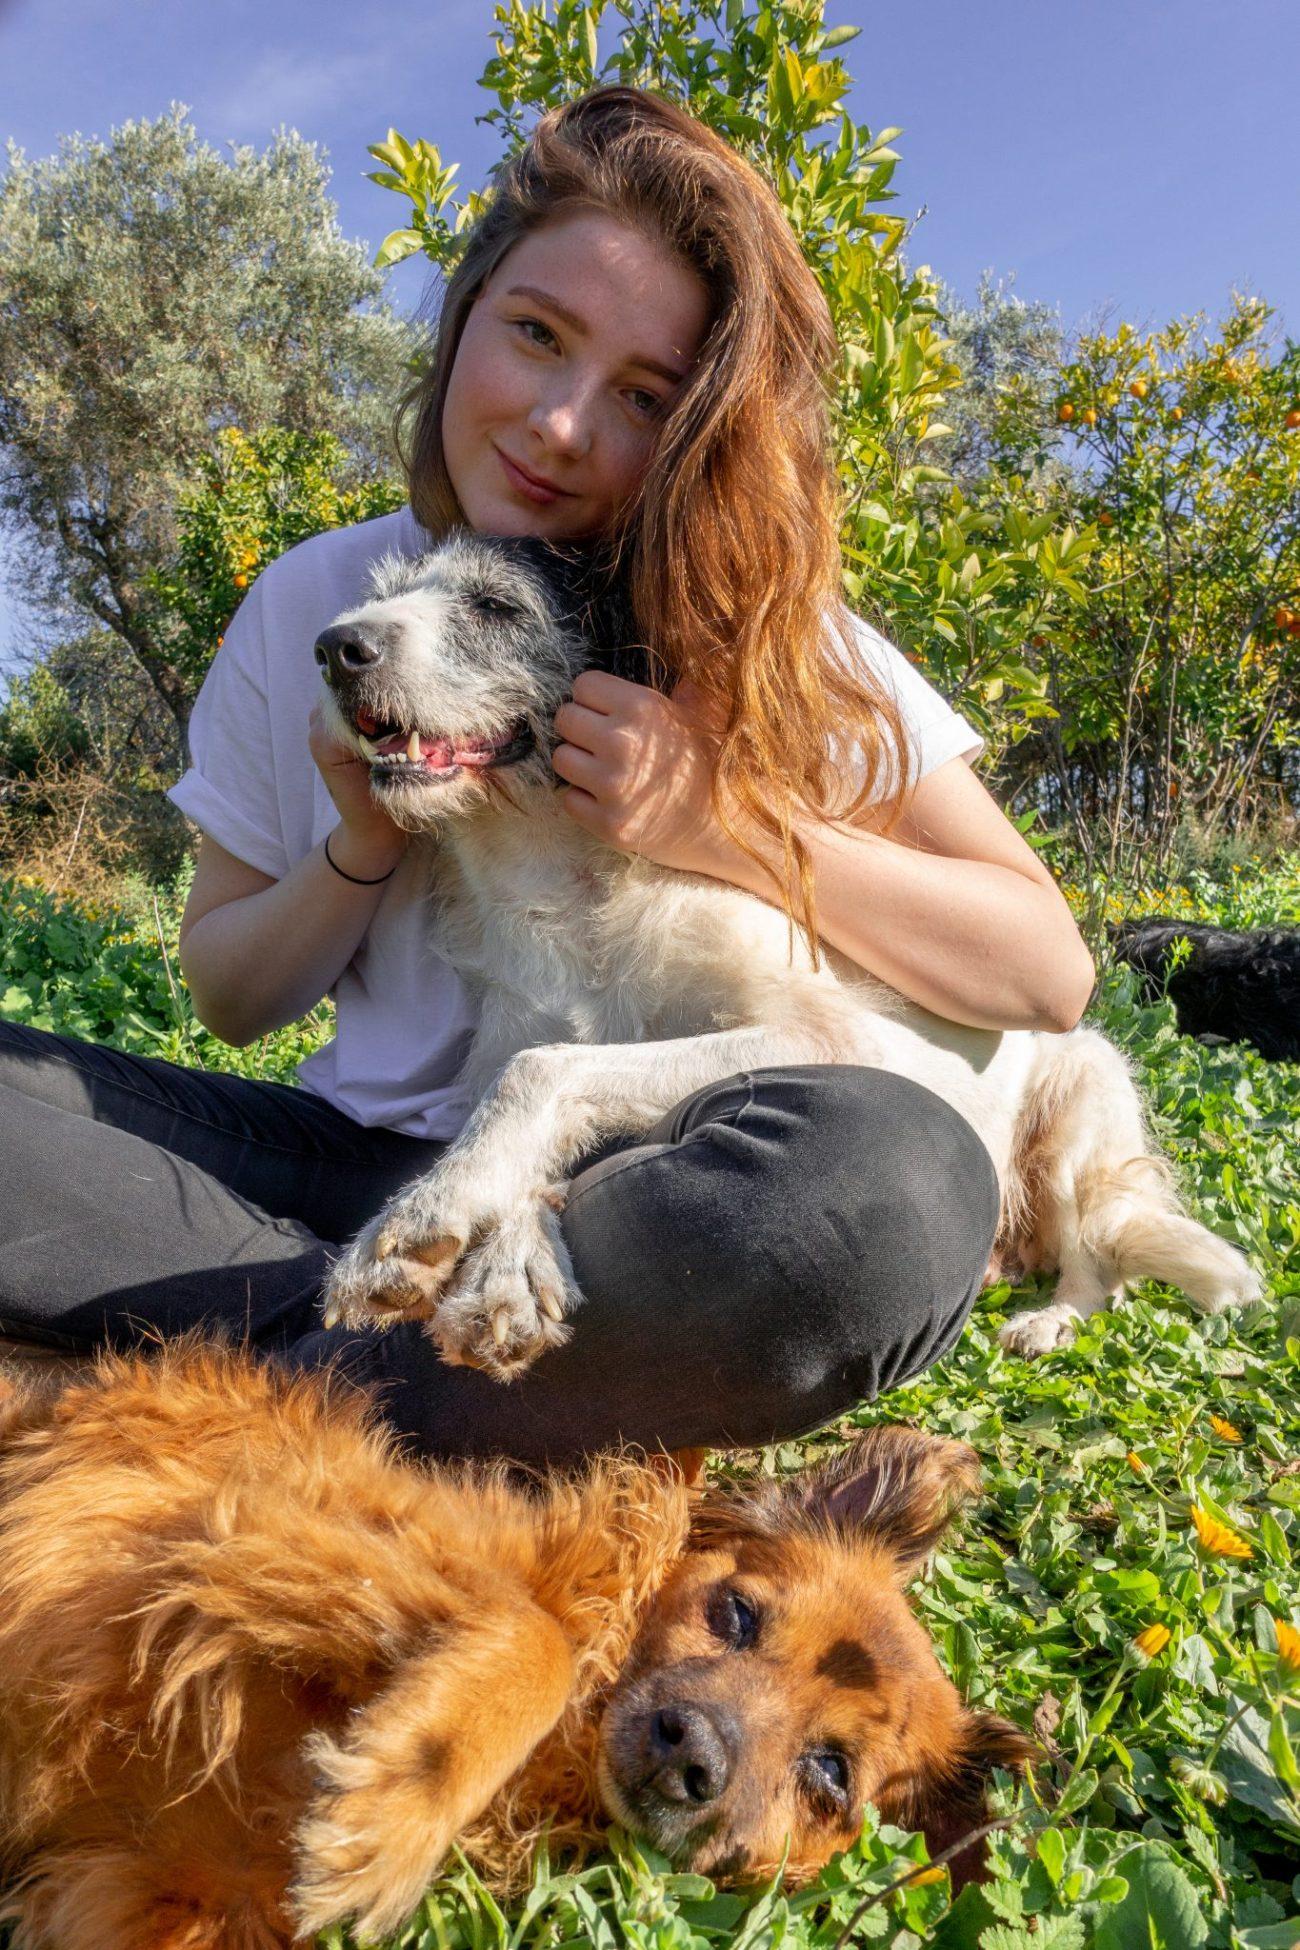 housesitting-guide-kostenlos-wohnen-andalusien-hunde-portrait